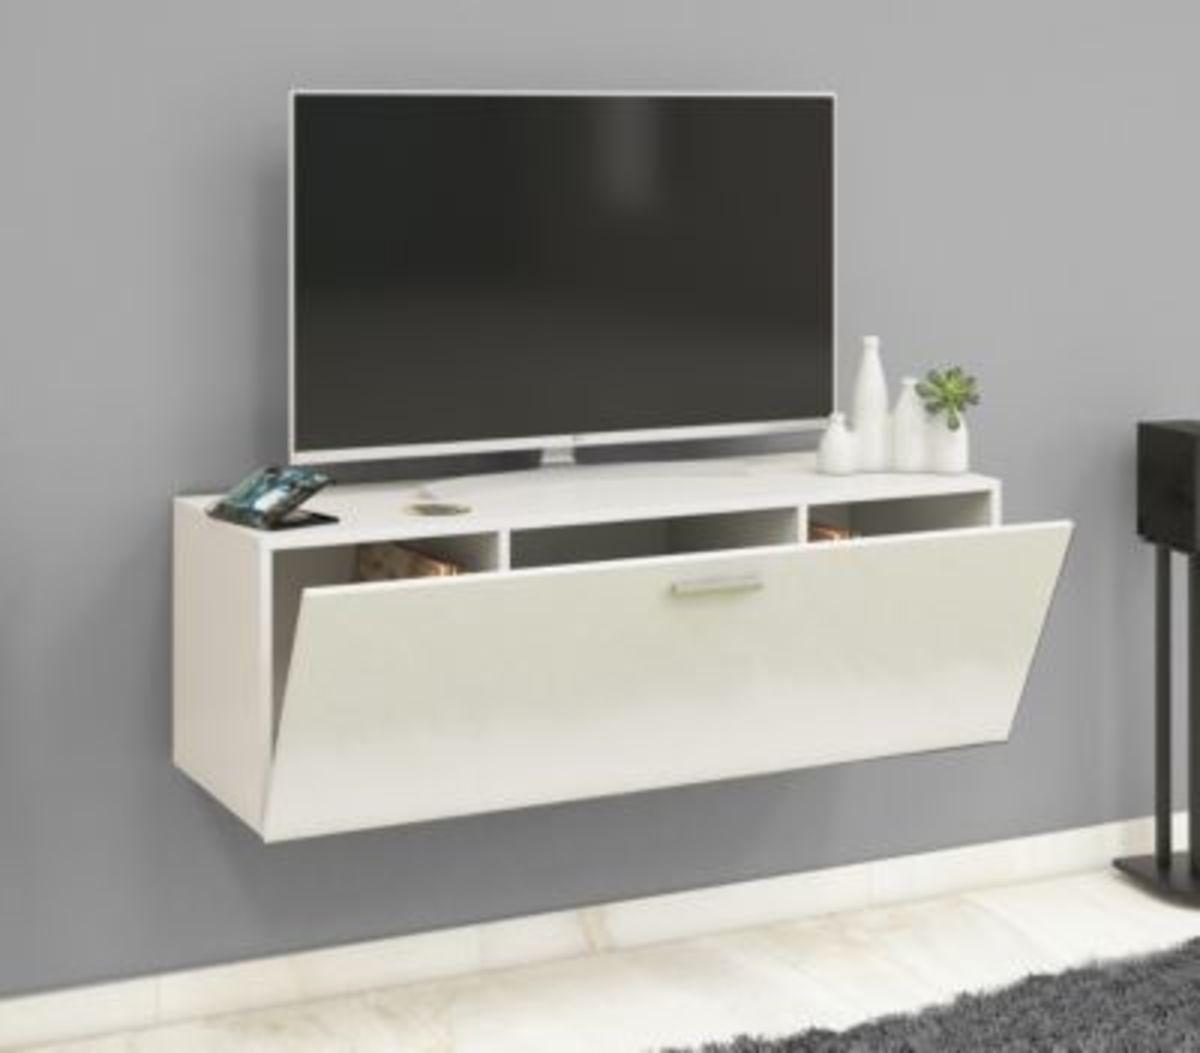 """Bild 3 von VCM TV Wand Board Fernsehtisch Lowboard Wohnwand Regal Wandschrank Schrank Tisch Hängend """"Fernso"""" VCM TV-Wand-Lowboard """"Fernso"""" (Farbe: B. 95cm: Weiß)"""